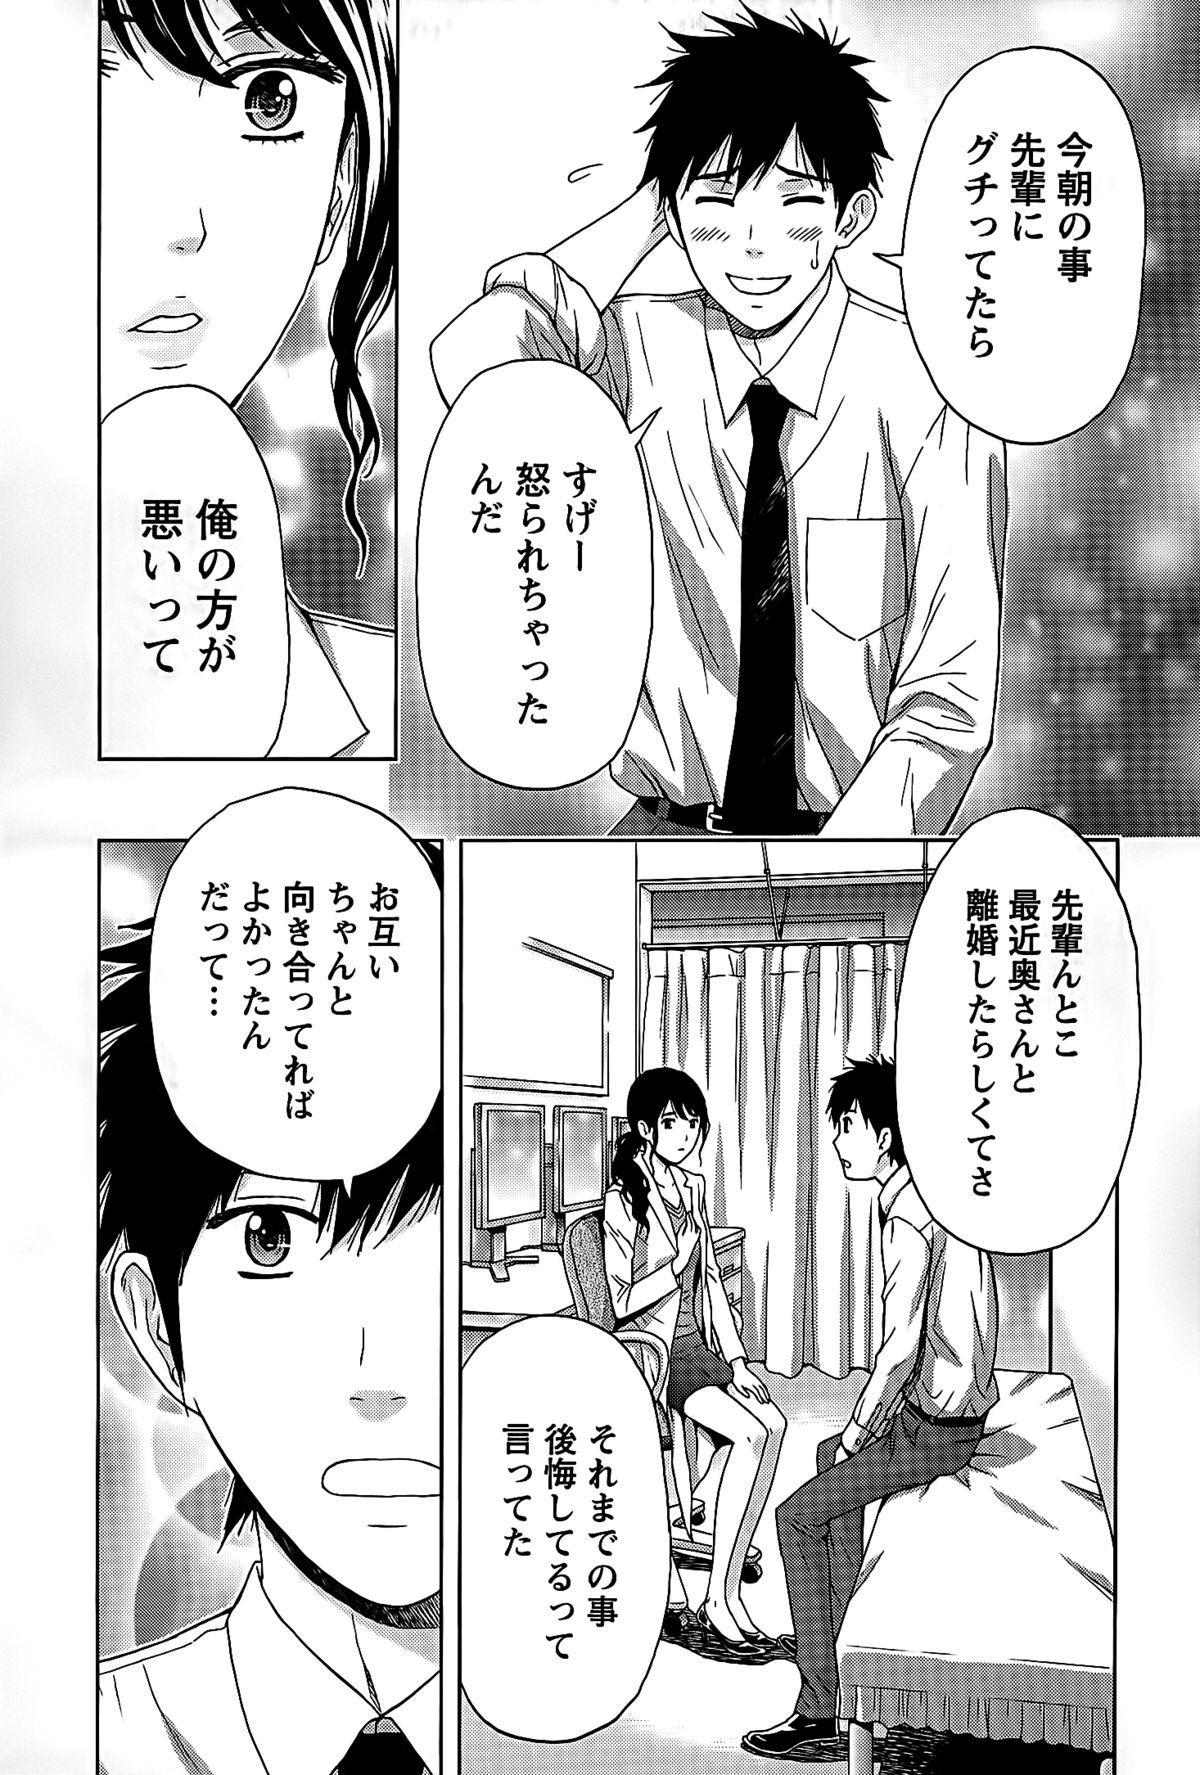 Shittori Lady to Amai Mitsu 72